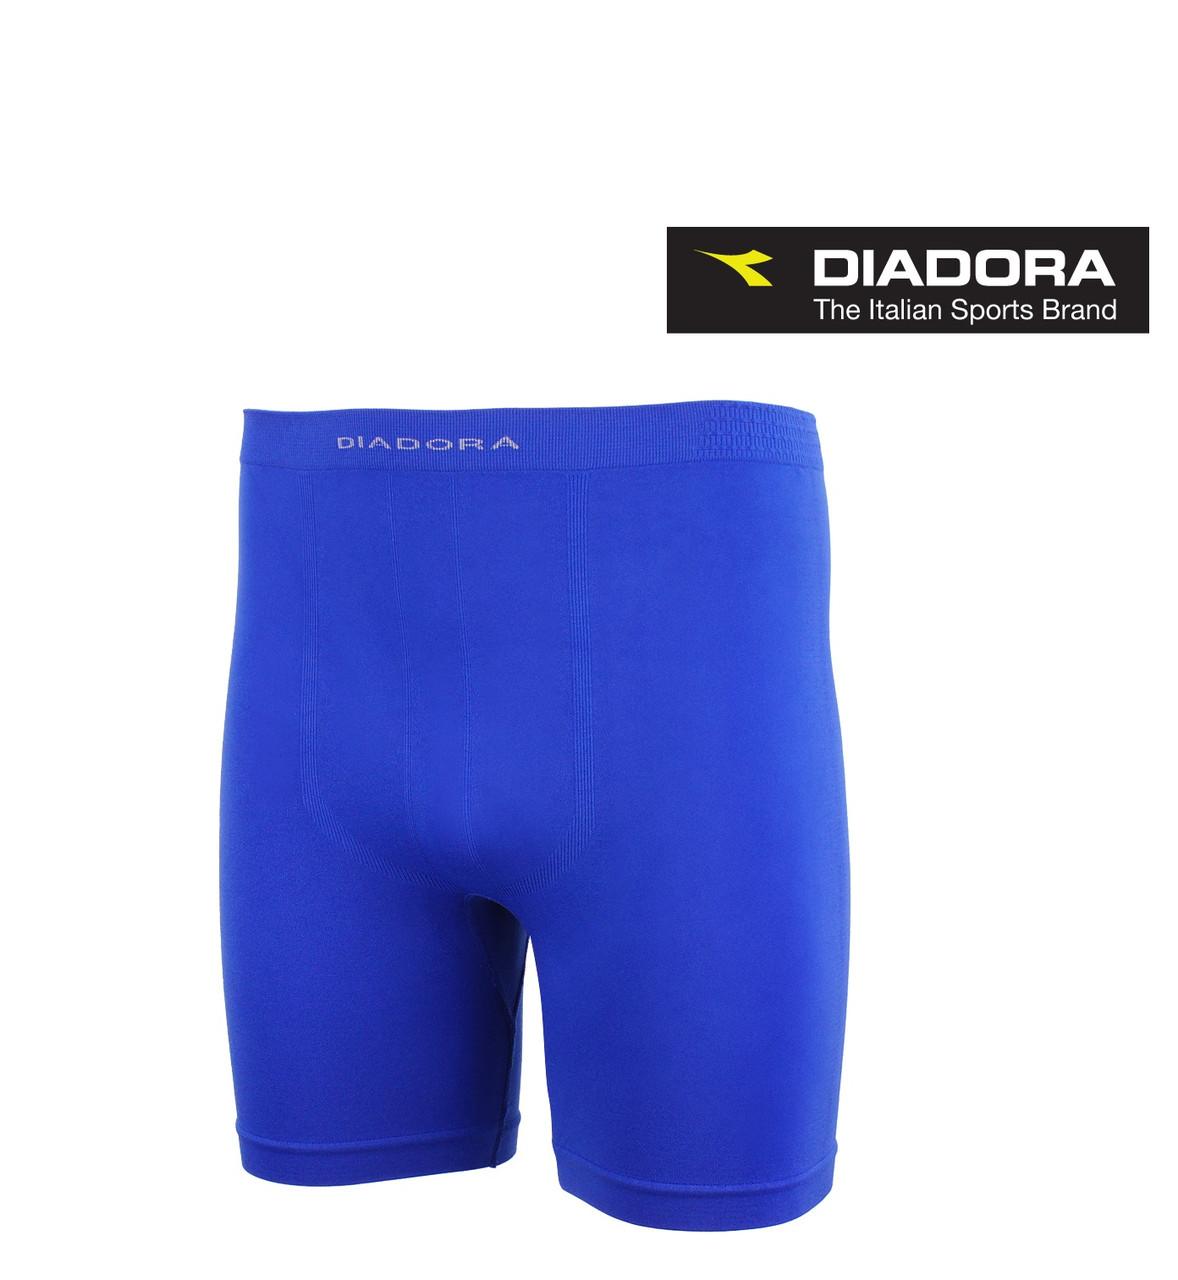 Мужские термо-компрессионные шорты-лосины Diadora LA PAZ SEAMLESS TIGHT